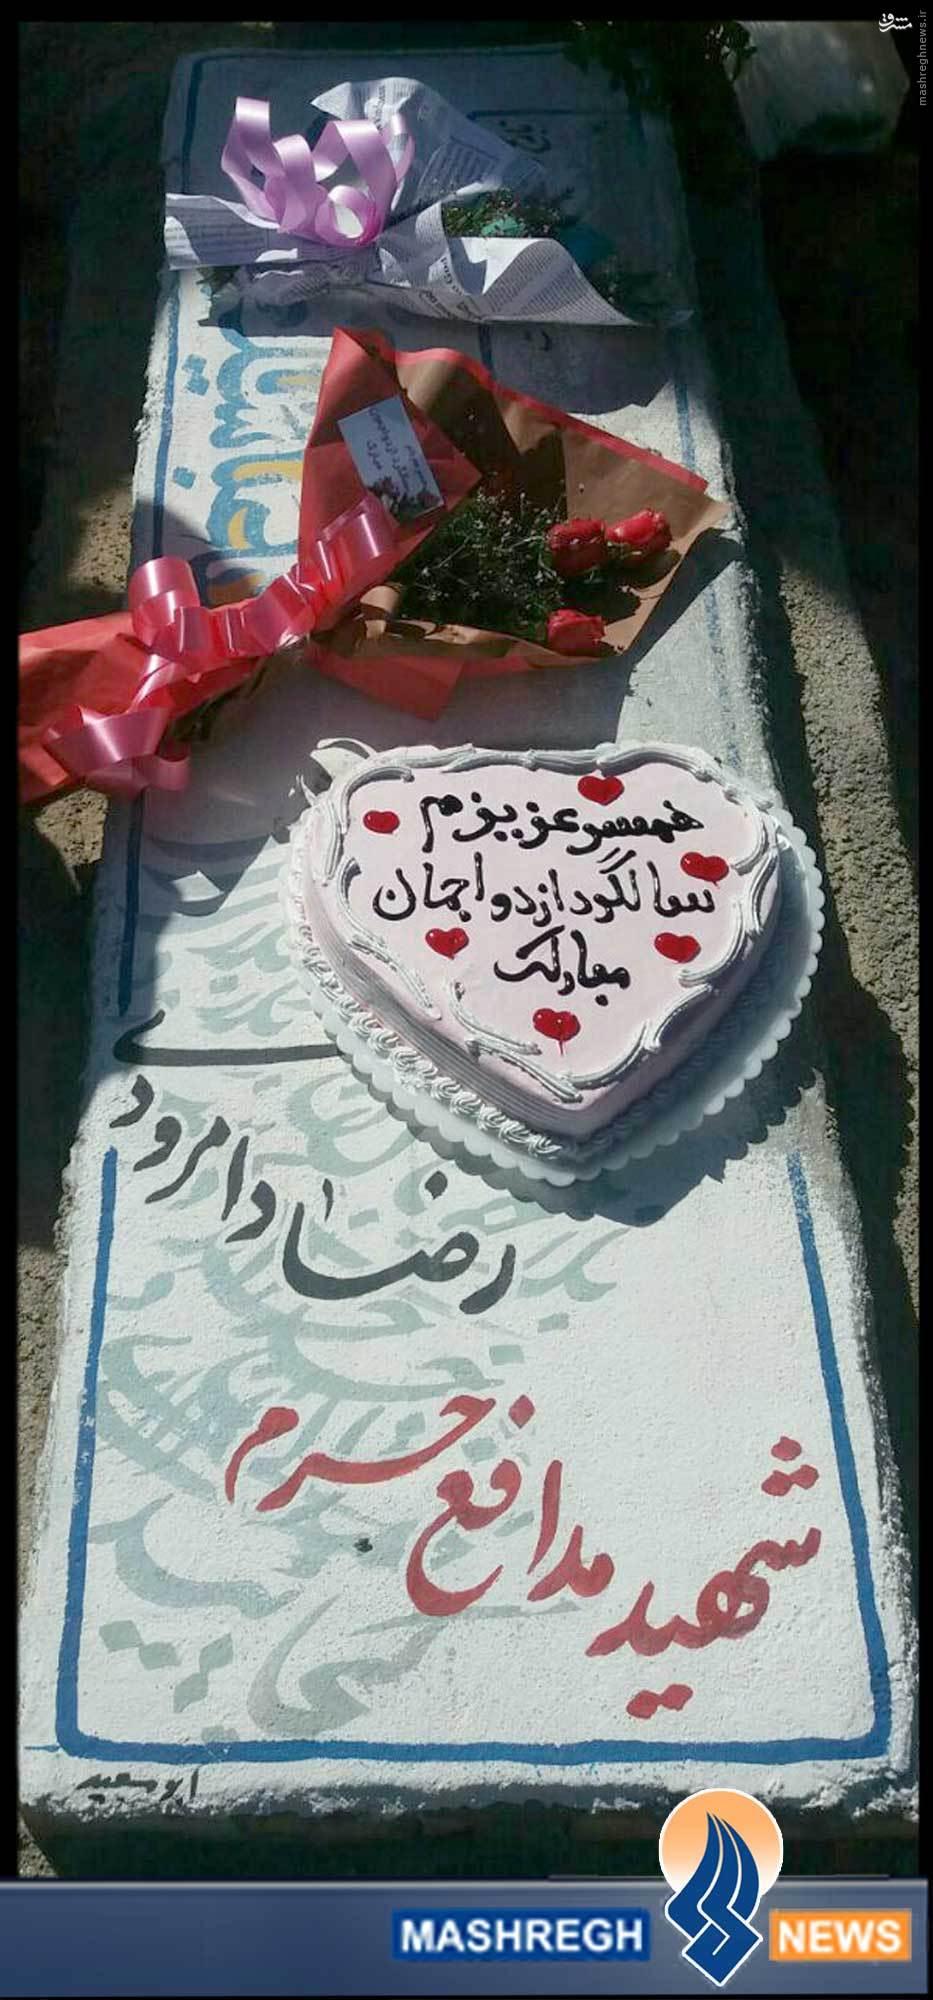 عكس/ یک جشنِ سالگرد ازدواج متفاوت در تهران